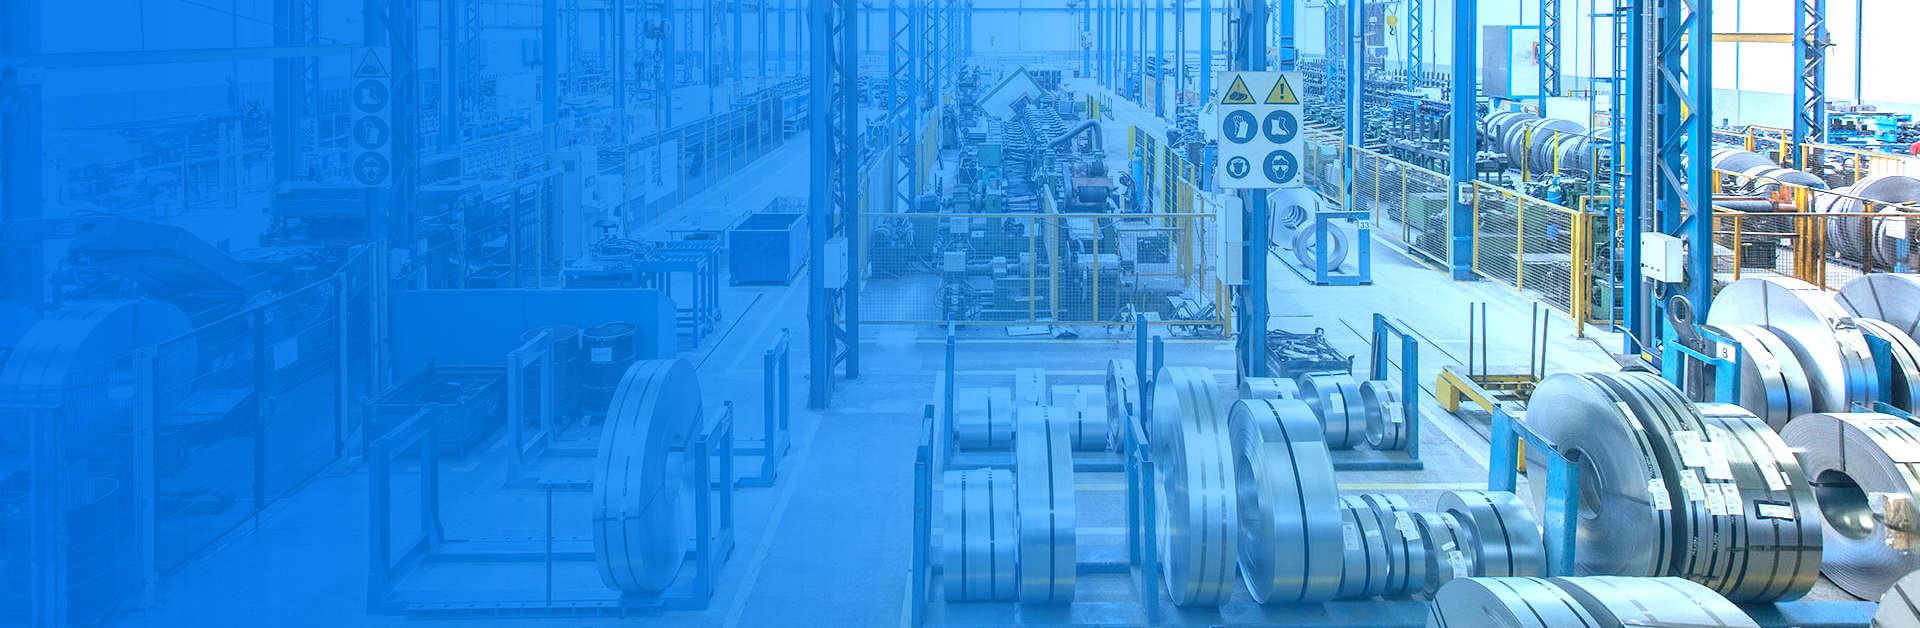 Foto de header para sección de contacto, de Brausa, fabricante de perfiles de acero conformado en frío